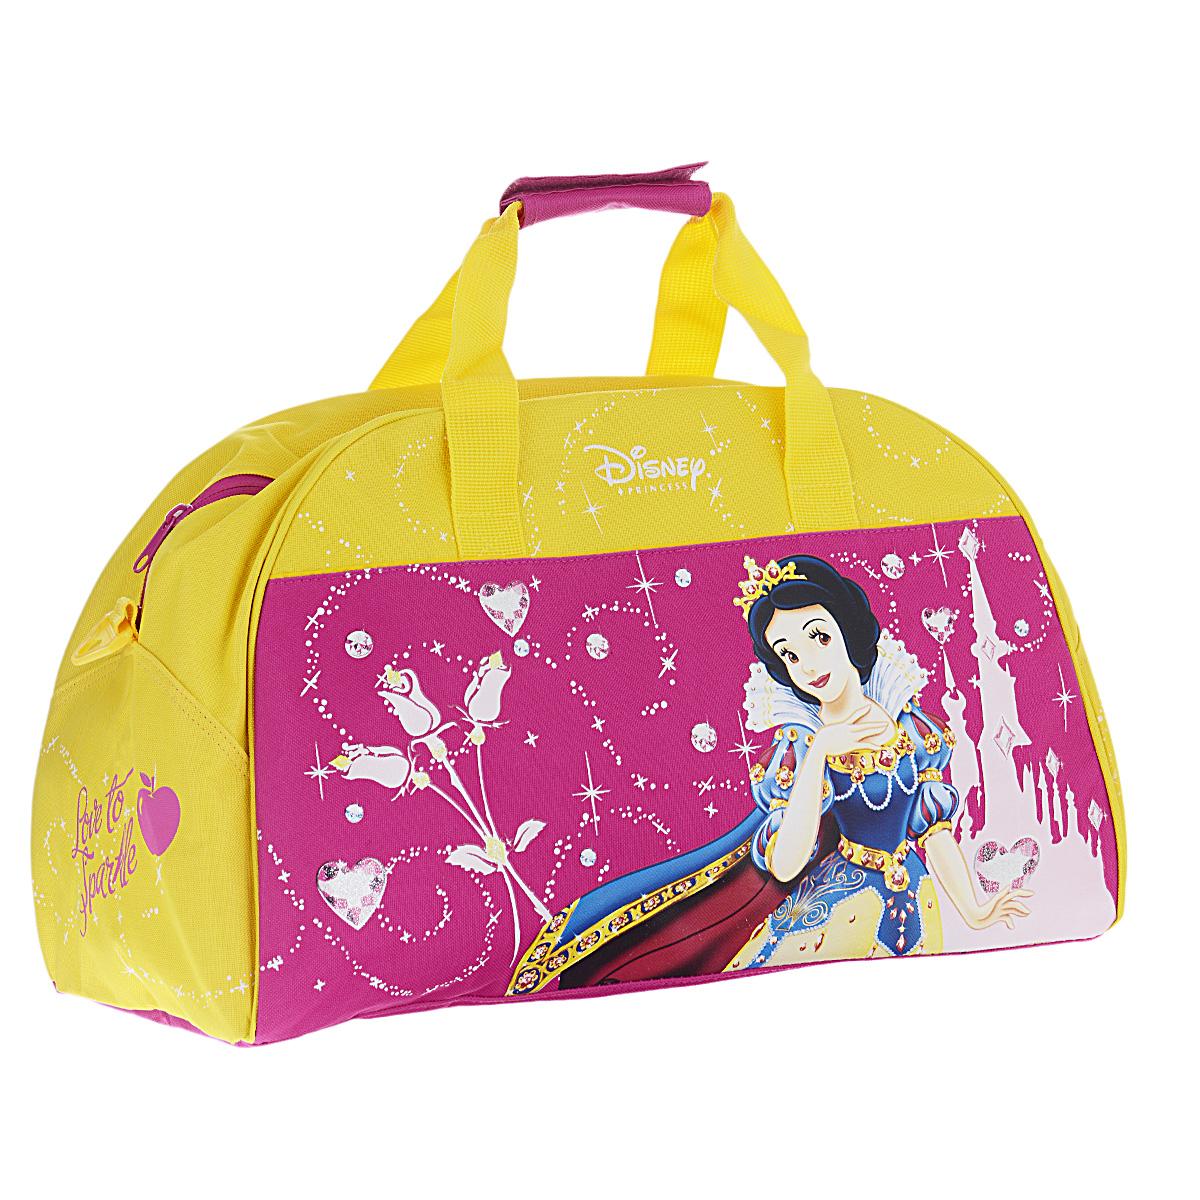 Disney Princess Сумка спортивная детская цвет розовый желтыйPRJW-09T-3452Детская спортивная сумка Princess придется по вкусу любой активной девочке, посещающей спортзал или спортивные секции.Сумка изготовлена из высококачественного износостойкого полиэстера и оформлена оригинальным цветочным принтом и изображением Белоснежки в роскошном наряде принцессы. Сумка состоит из одного вместительного отделения, закрывается на застежку-молнию. Внутри располагается небольшой накладной карман на застежке-молнии. Сумка имеет съемное твердое дно, которое при необходимости можно извлечь.Сумка имеет удобные ручки для переноски, скрепляющиеся хлястиком на липучке, а также съемный плечевой ремень, регулирующийся по длине. Дно сумки оснащено пластиковыми ножками, обеспечивающими необходимую устойчивость.Спортивная сумка - незаменимый аксессуар для юной спортсменки, который сочетает в себе практичность и модный дизайн. Красочная сумка сделает посещение спортивных секций не только приятным, но и модным занятием.